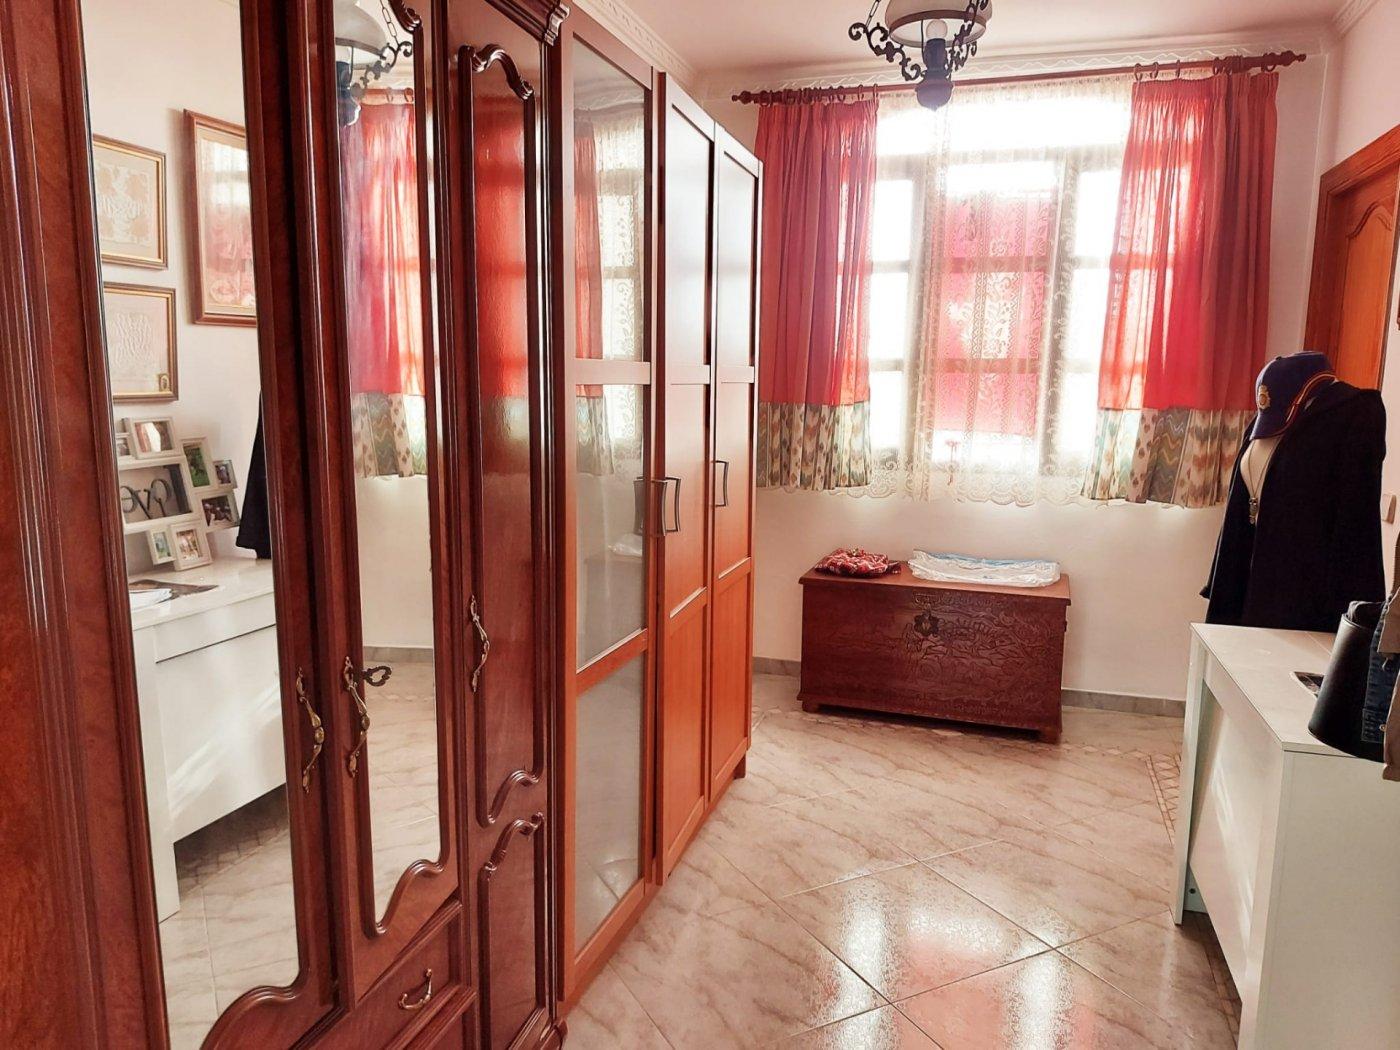 En venta espectacular casa o chalet en can carbonellell-sa cabana - imagenInmueble28